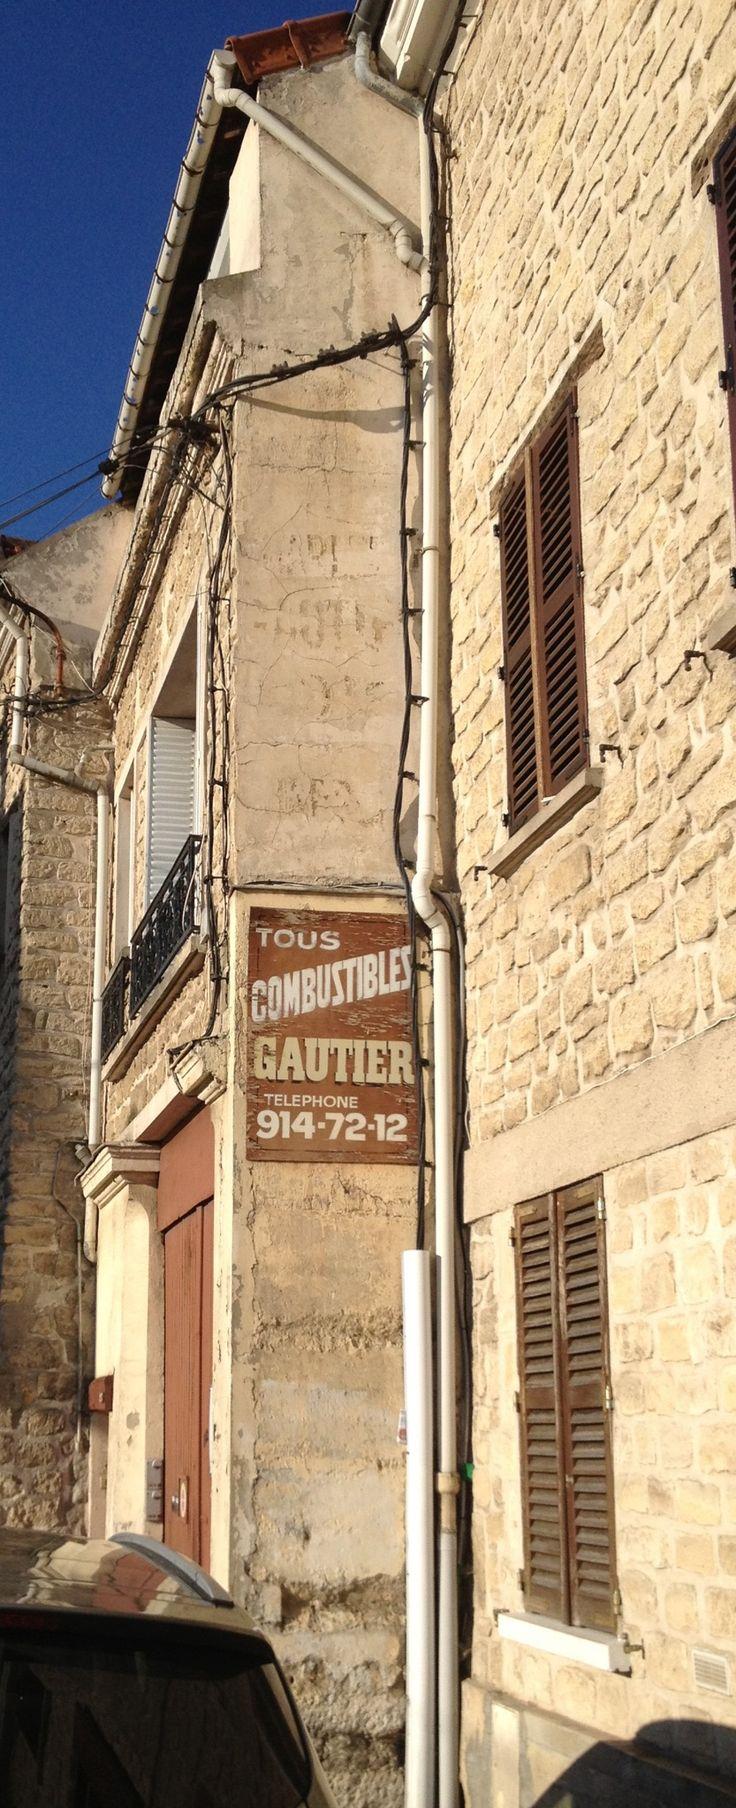 Tous combustibles Gautier (Carrières sur Seine)